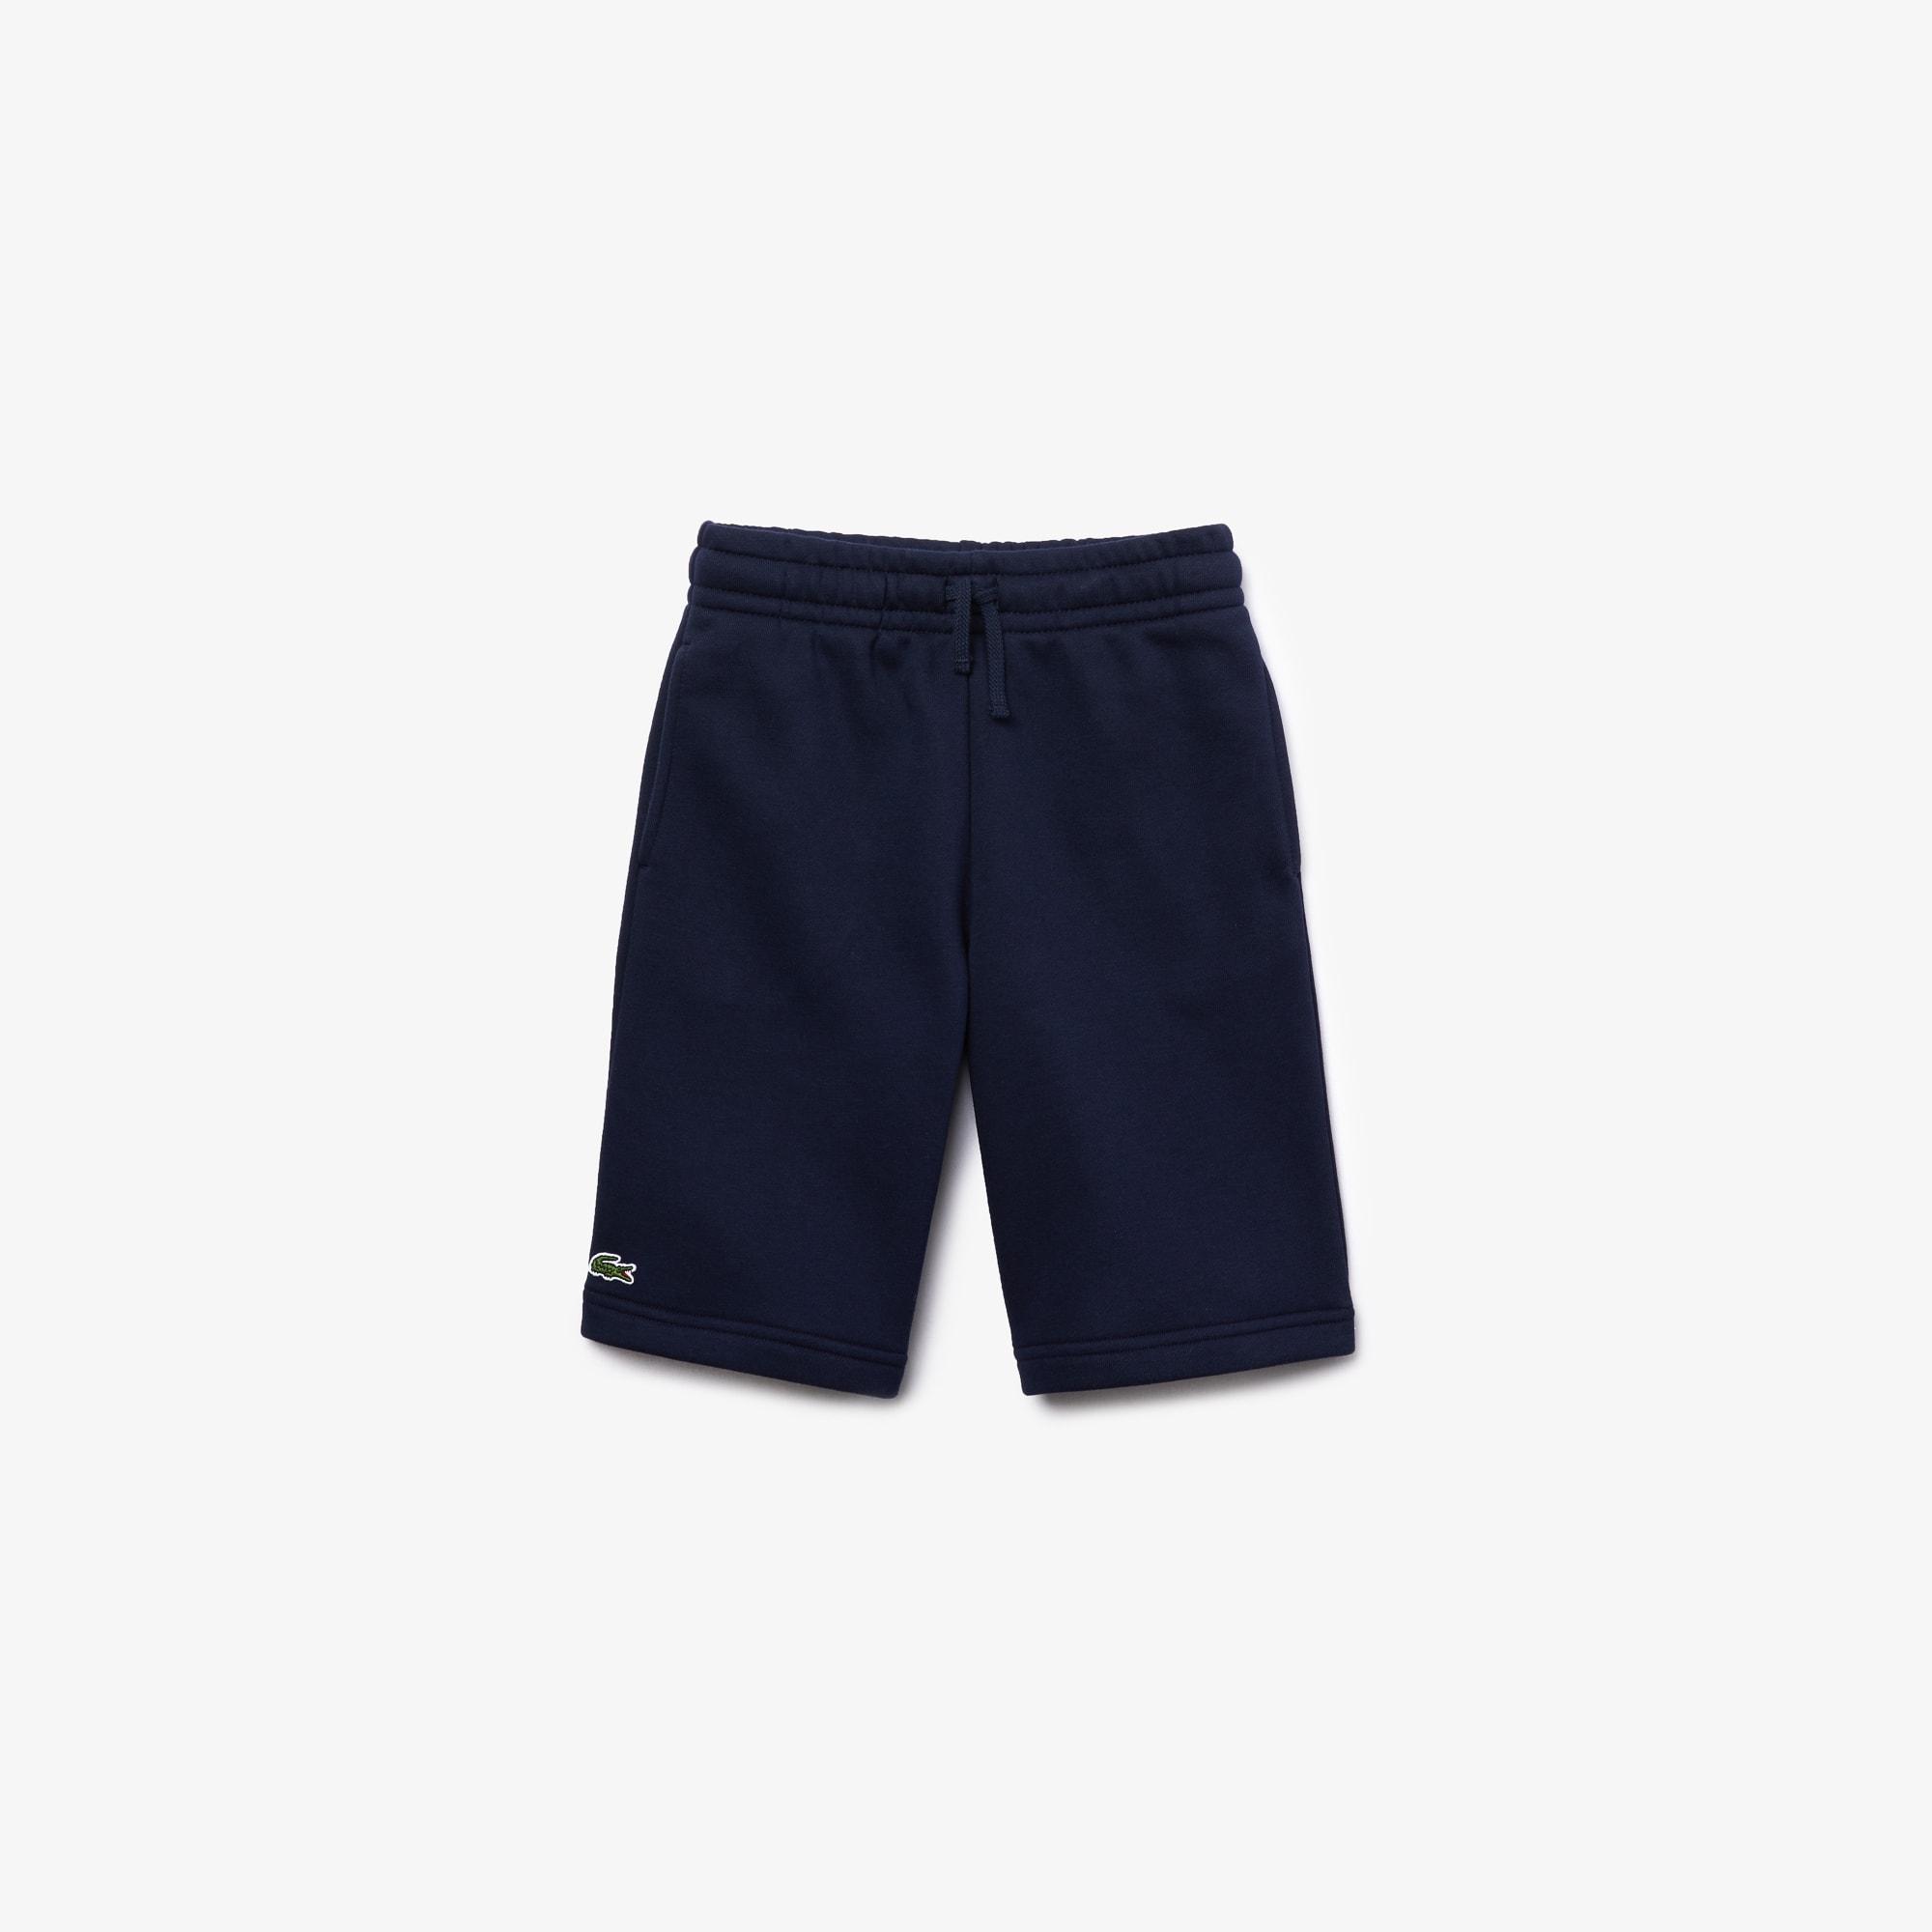 Lacoste SPORT-short Jongens Tennis Katoenfleece